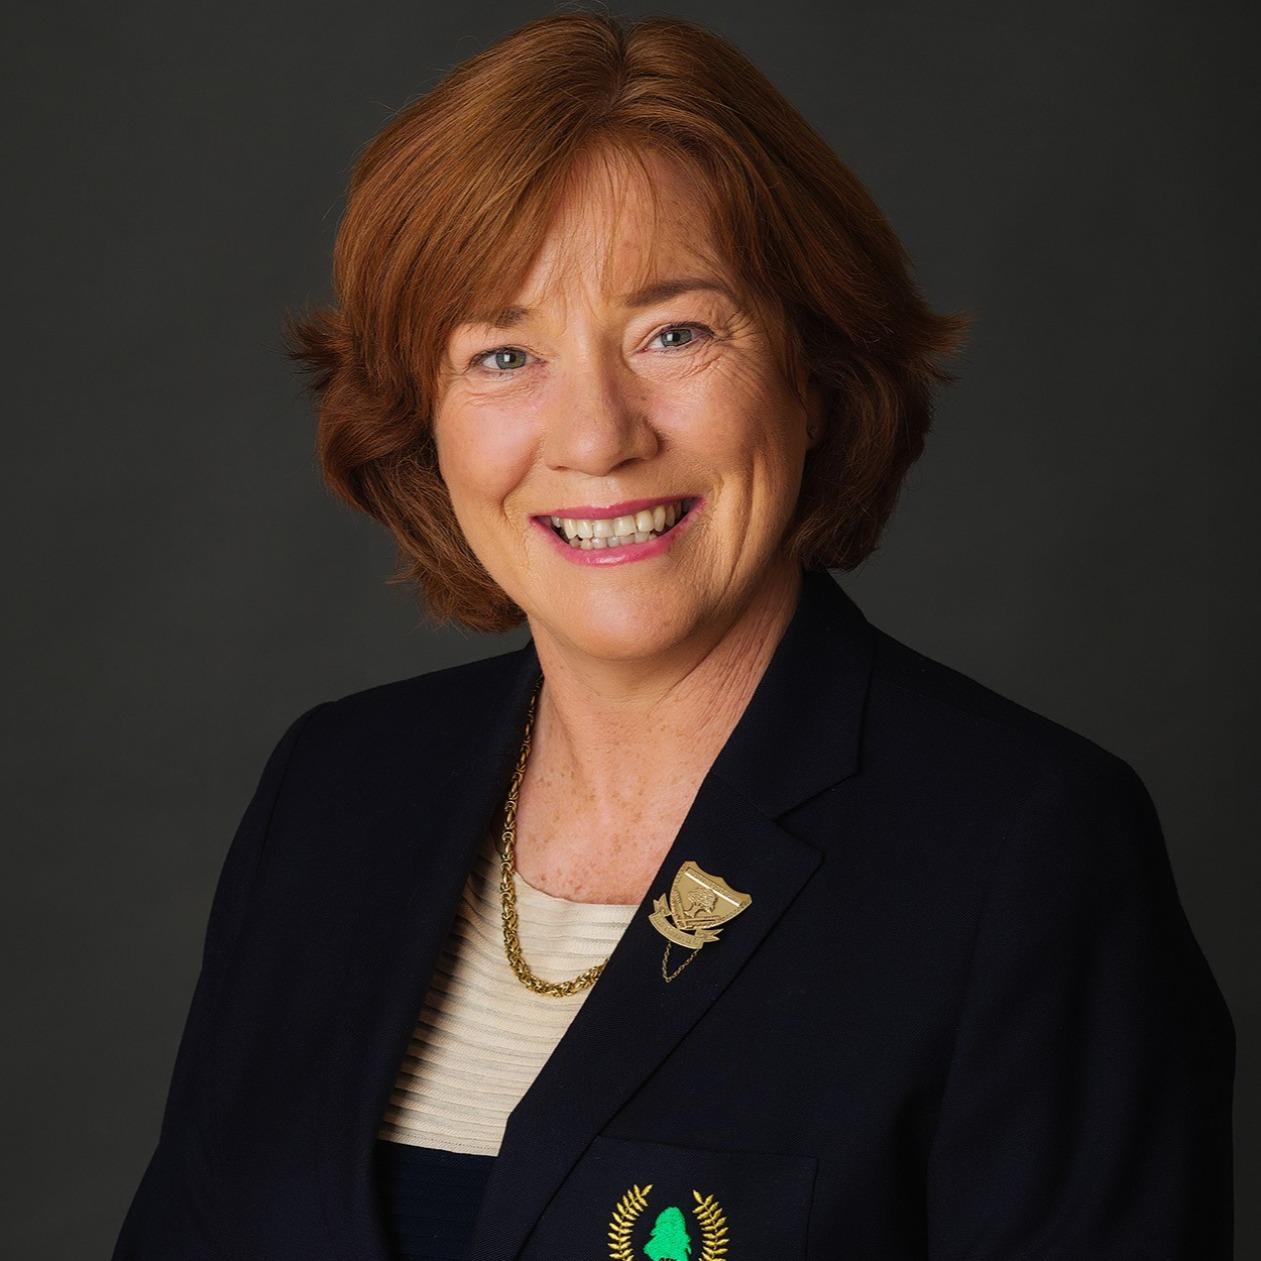 Lady Captain Laura O'Kiersey